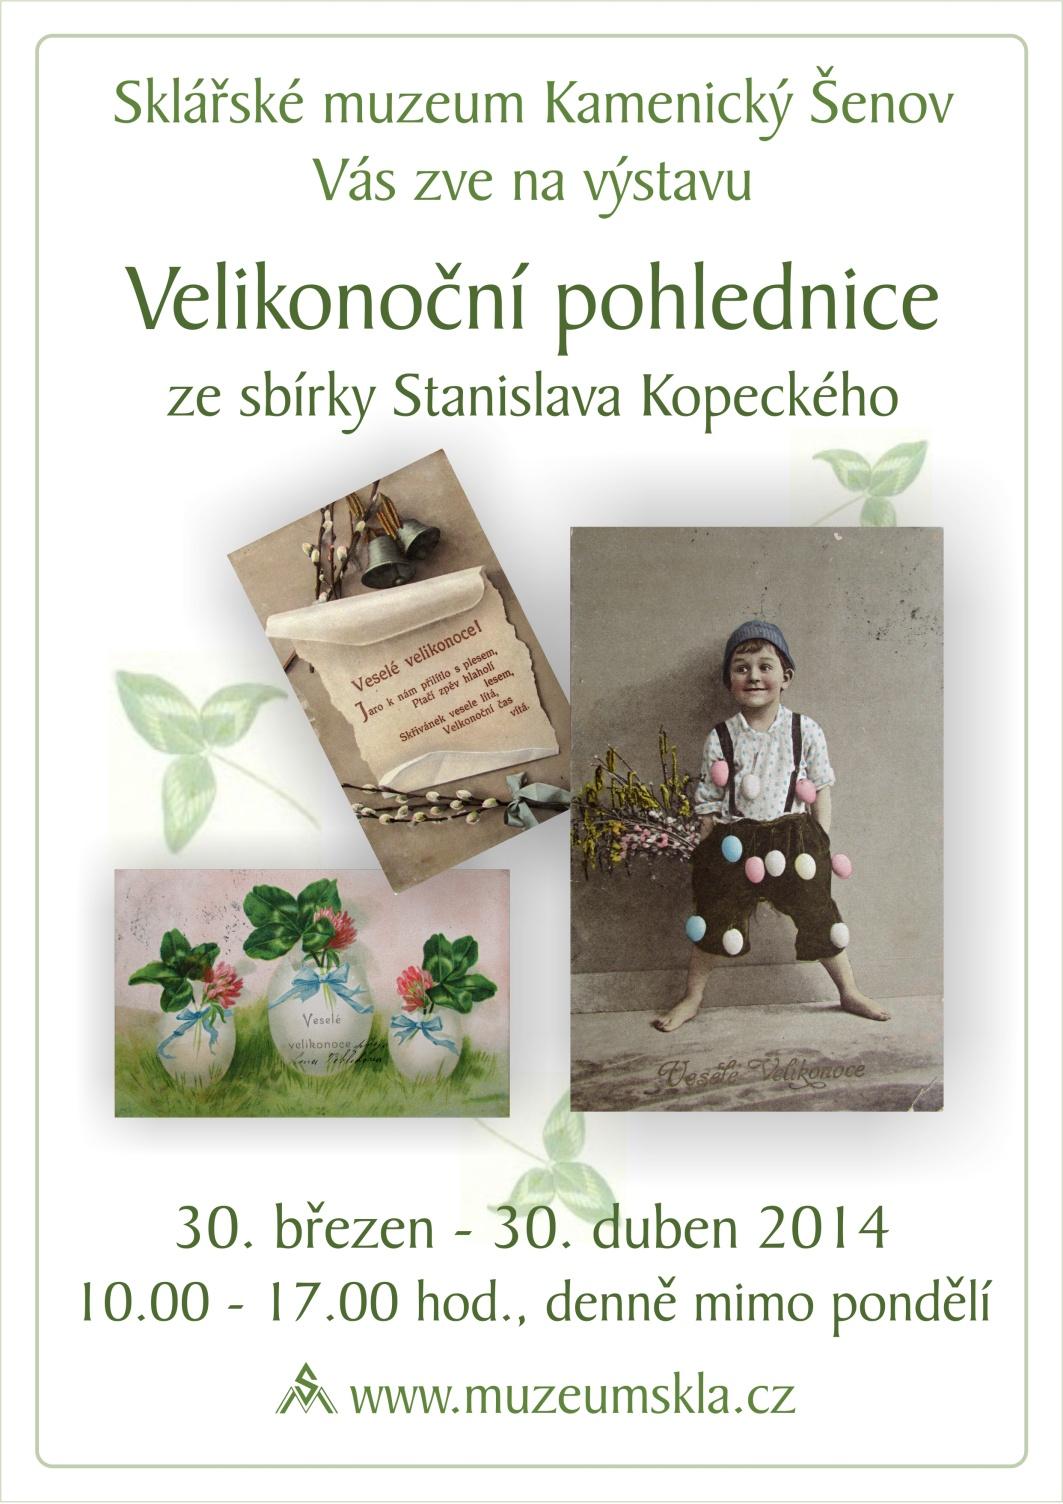 OBRÁZEK : velikonocni_pohlednice.jpg